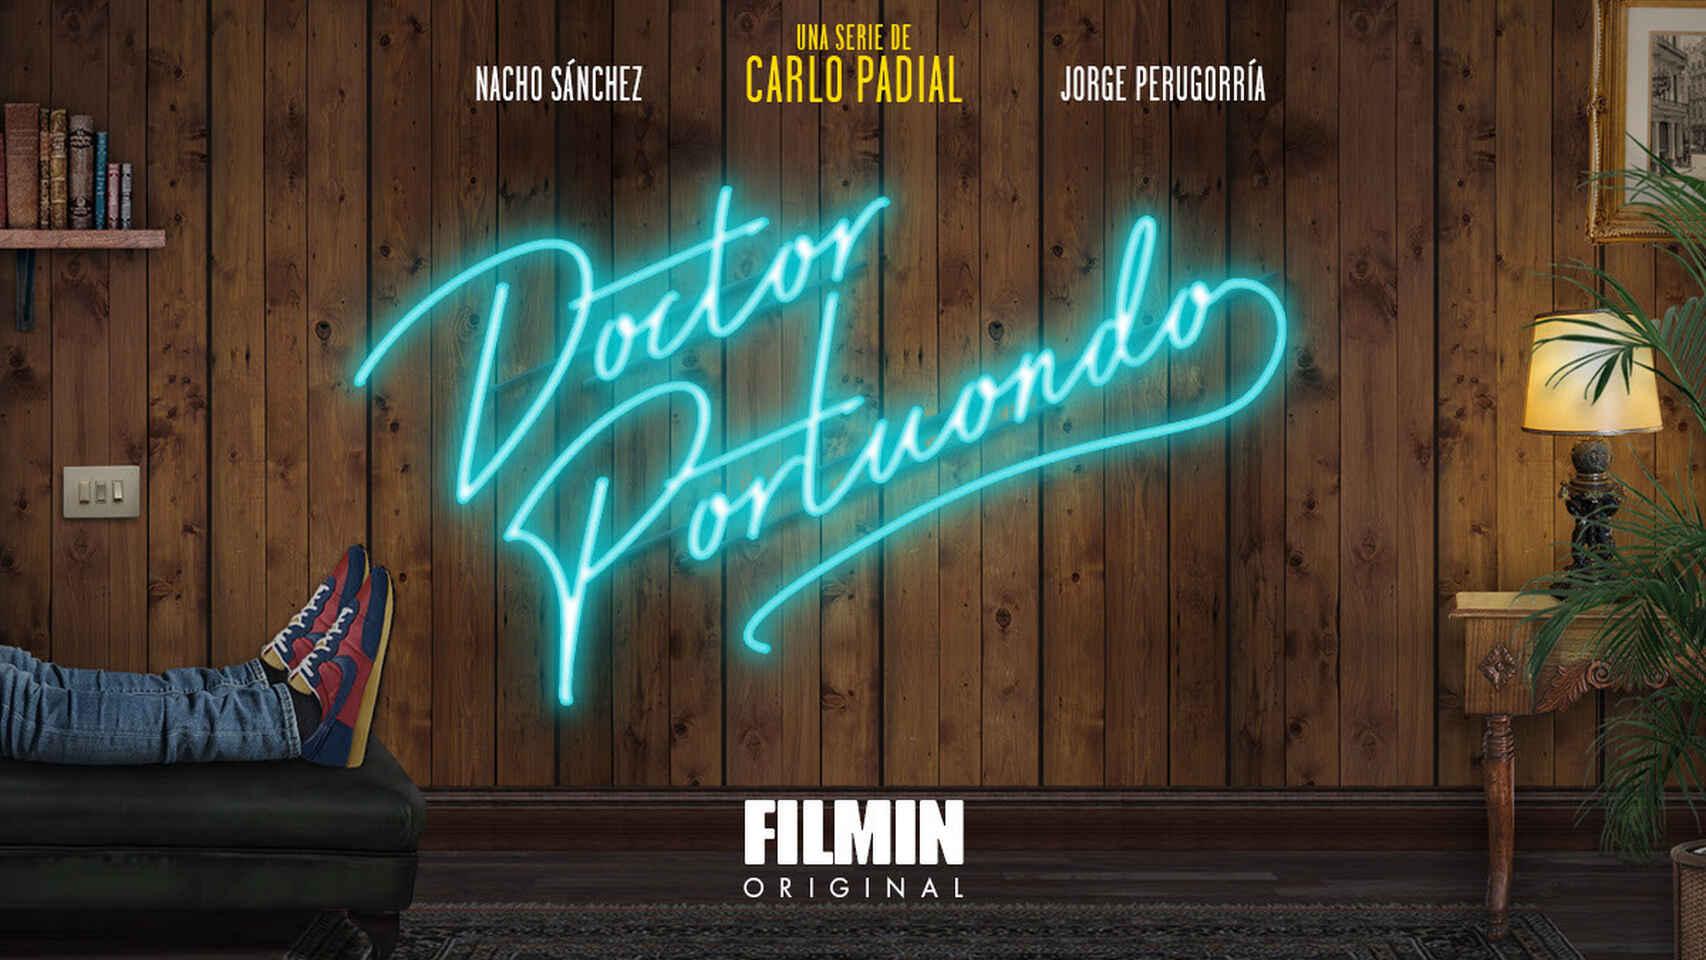 """Filmin estrena """"Doctor Portuondo"""", su primera serie original"""